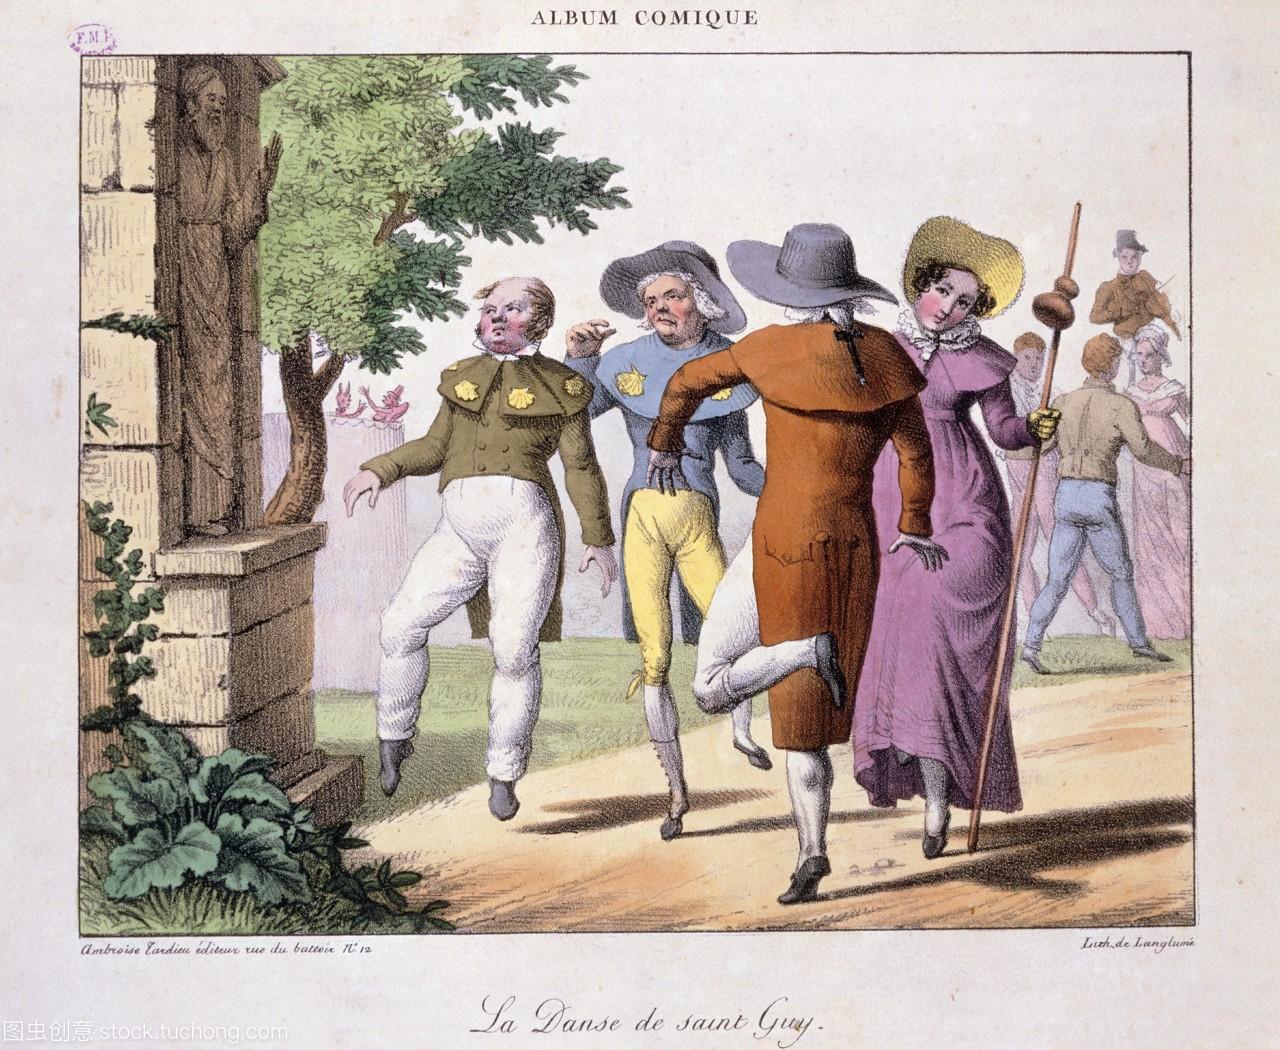 圣·盖伊·圣·盖伊》的插图。《盖伊的舞蹈》